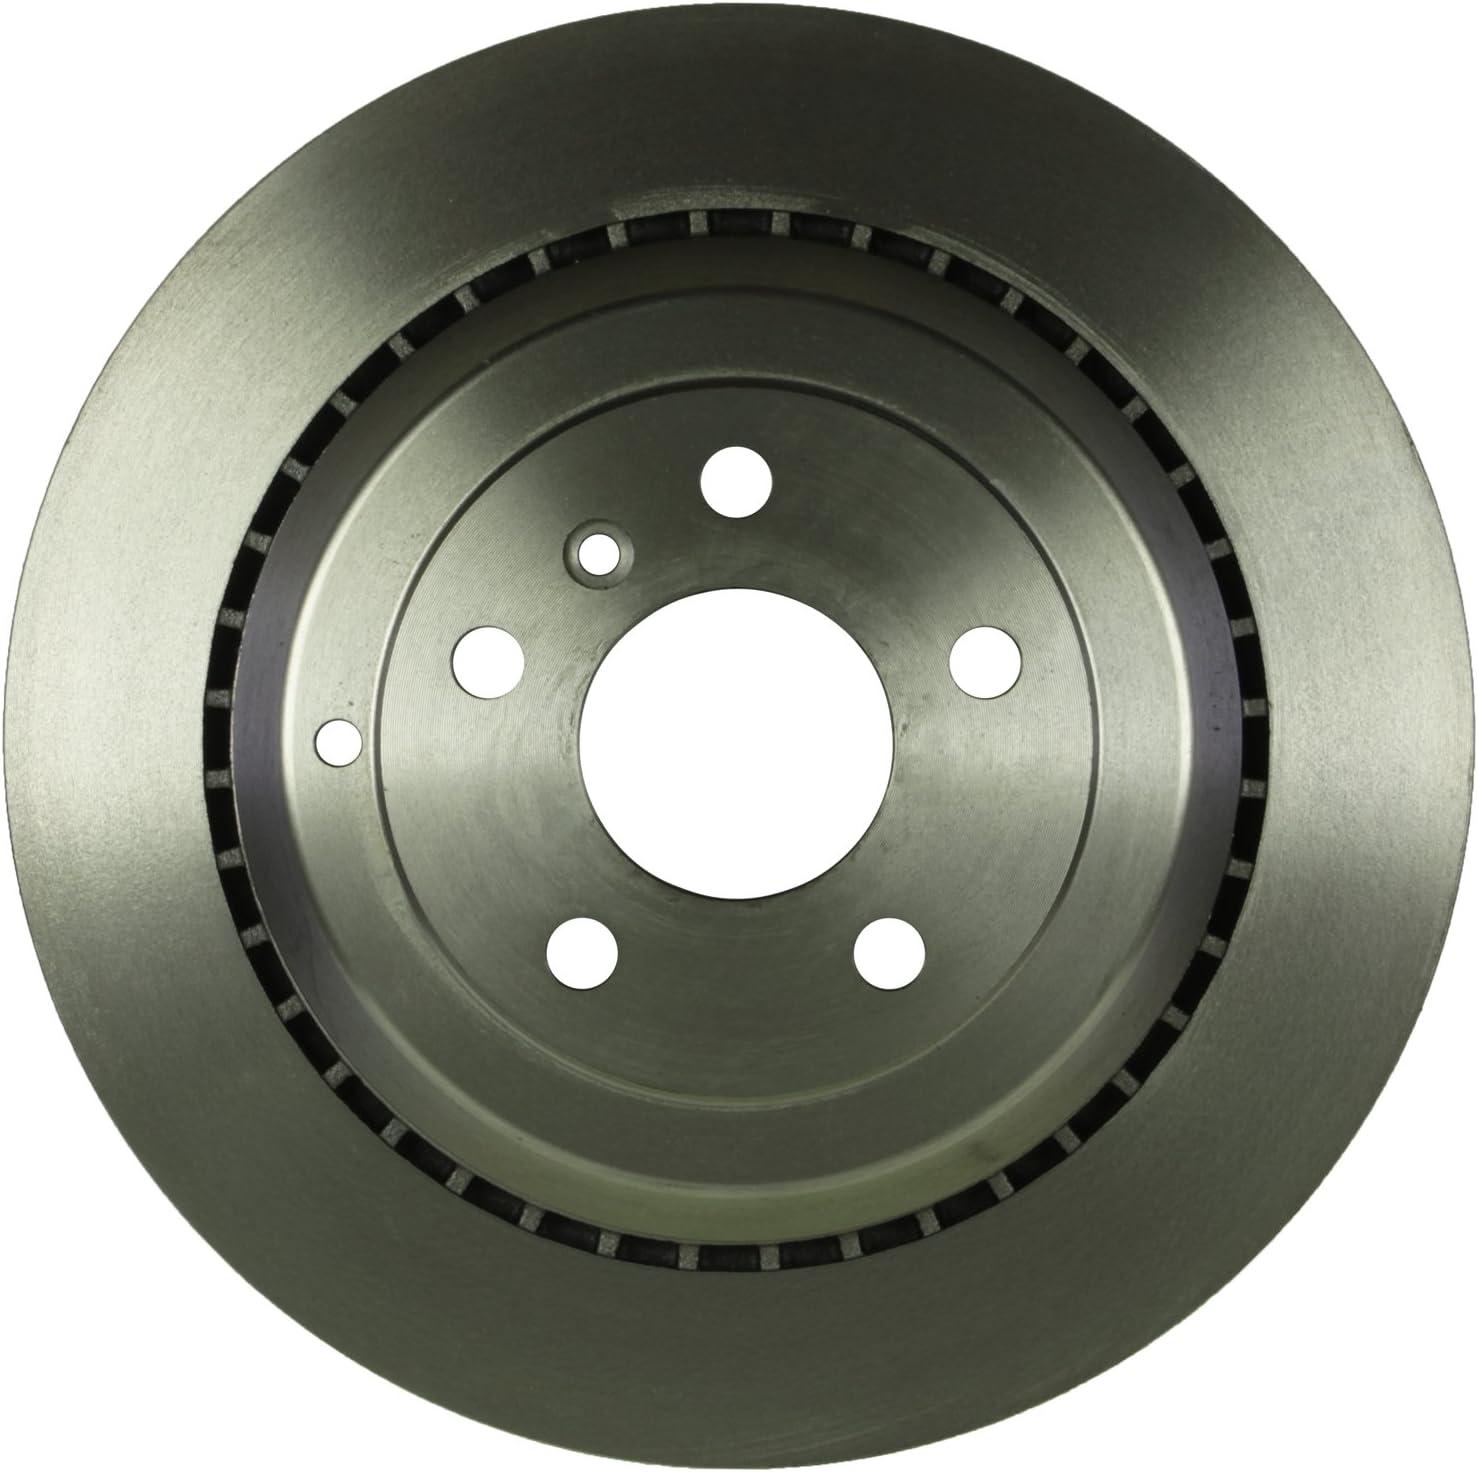 For Mercedes ML320 ML500 R320 R350 Front /& Rear Brake Disc Rotor Genuine Kit